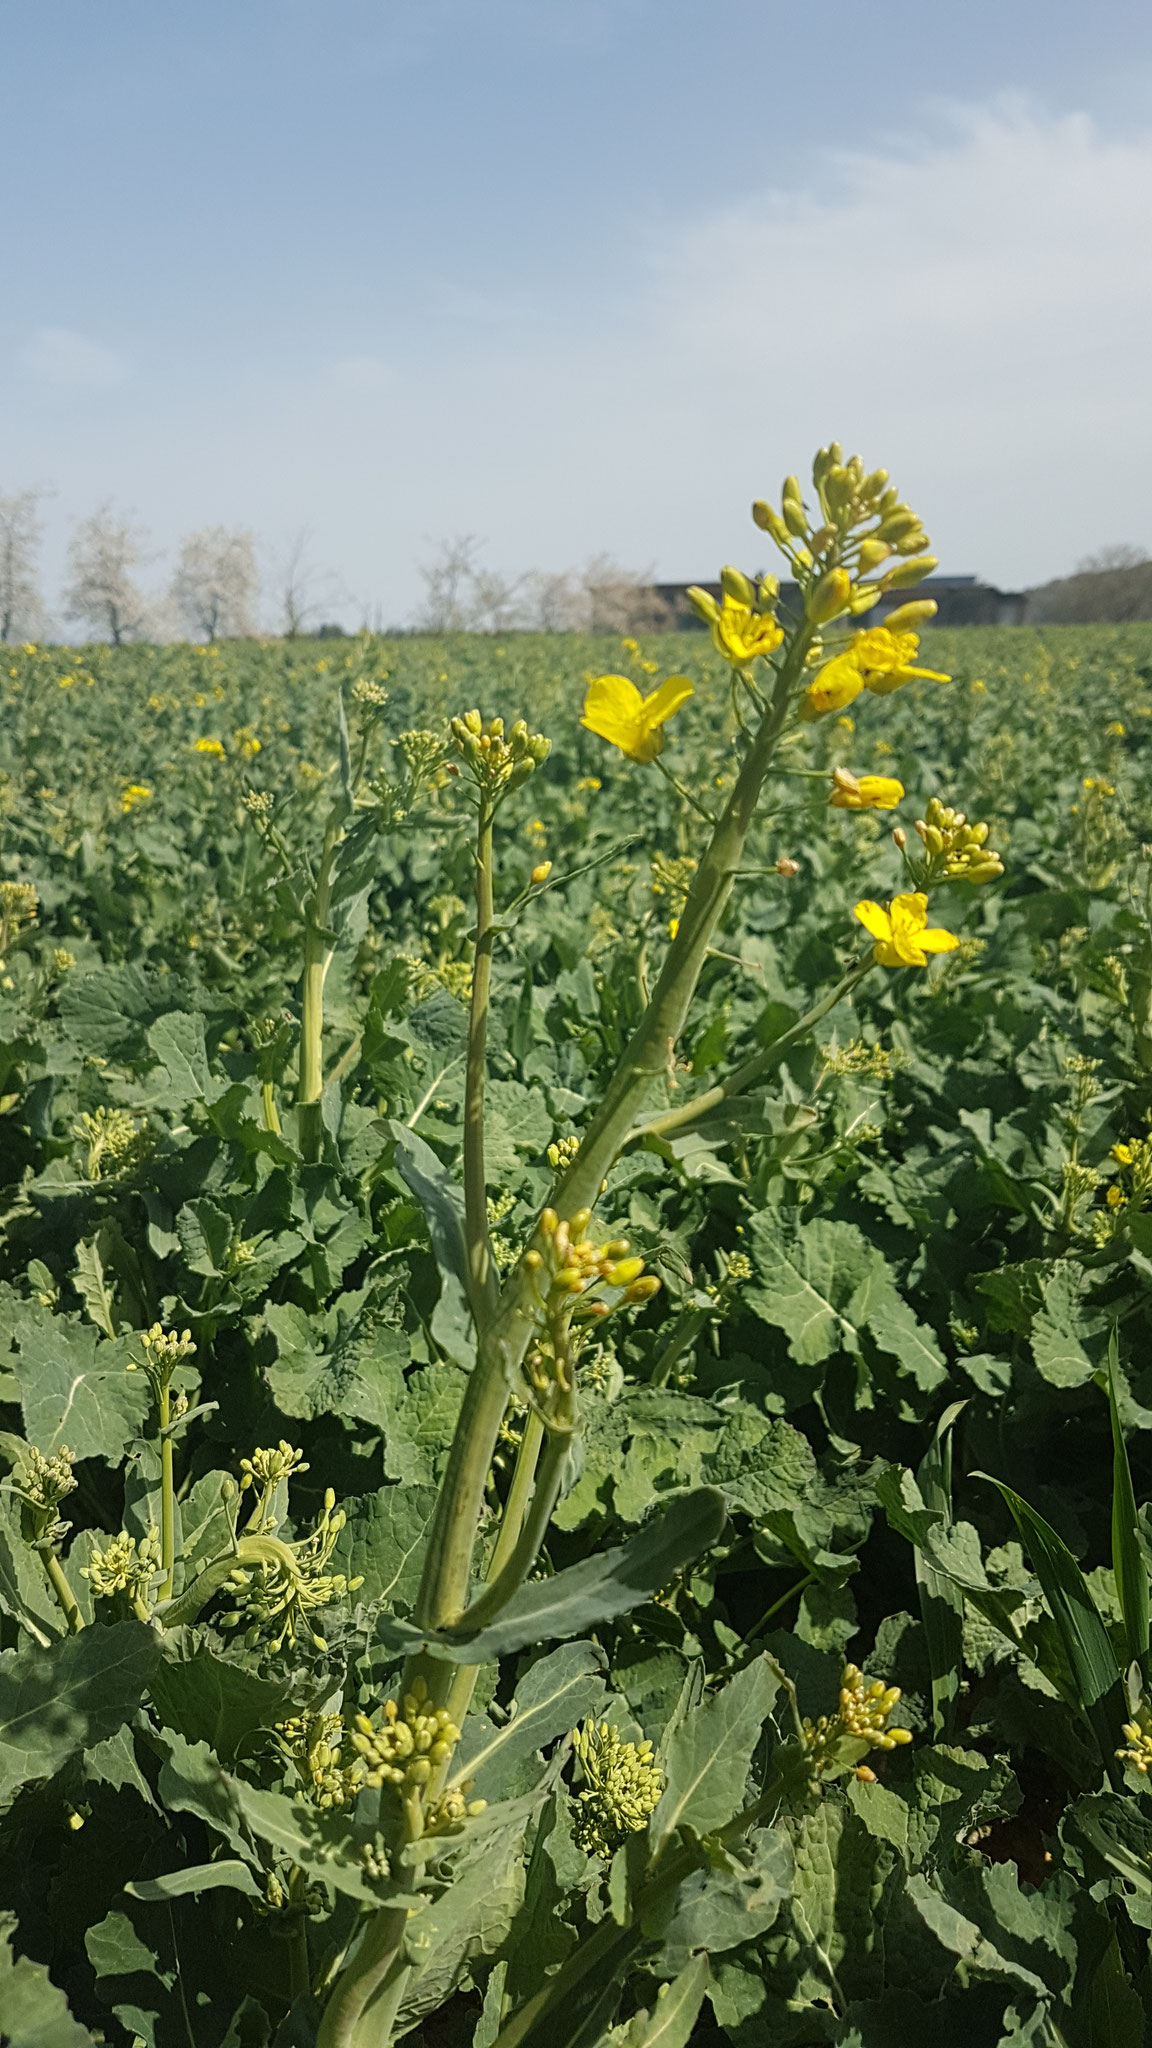 Rapspflanze kurz vor der Blüte